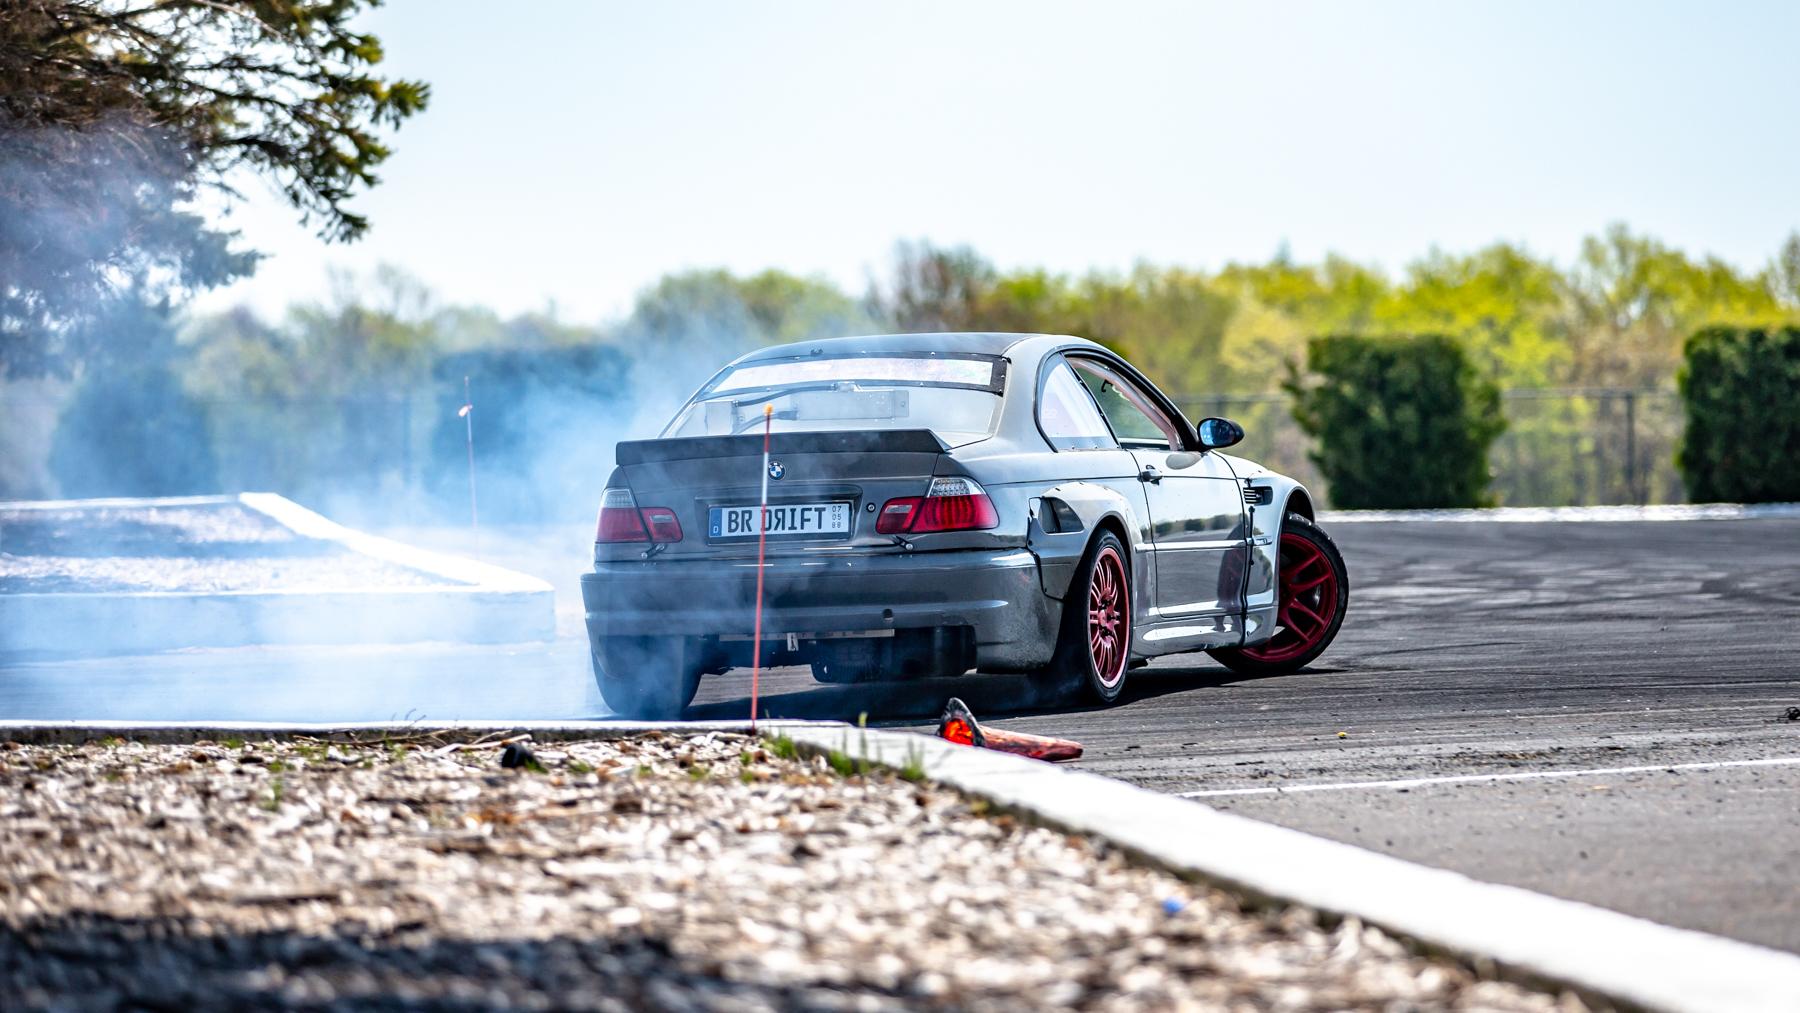 Drift-7553